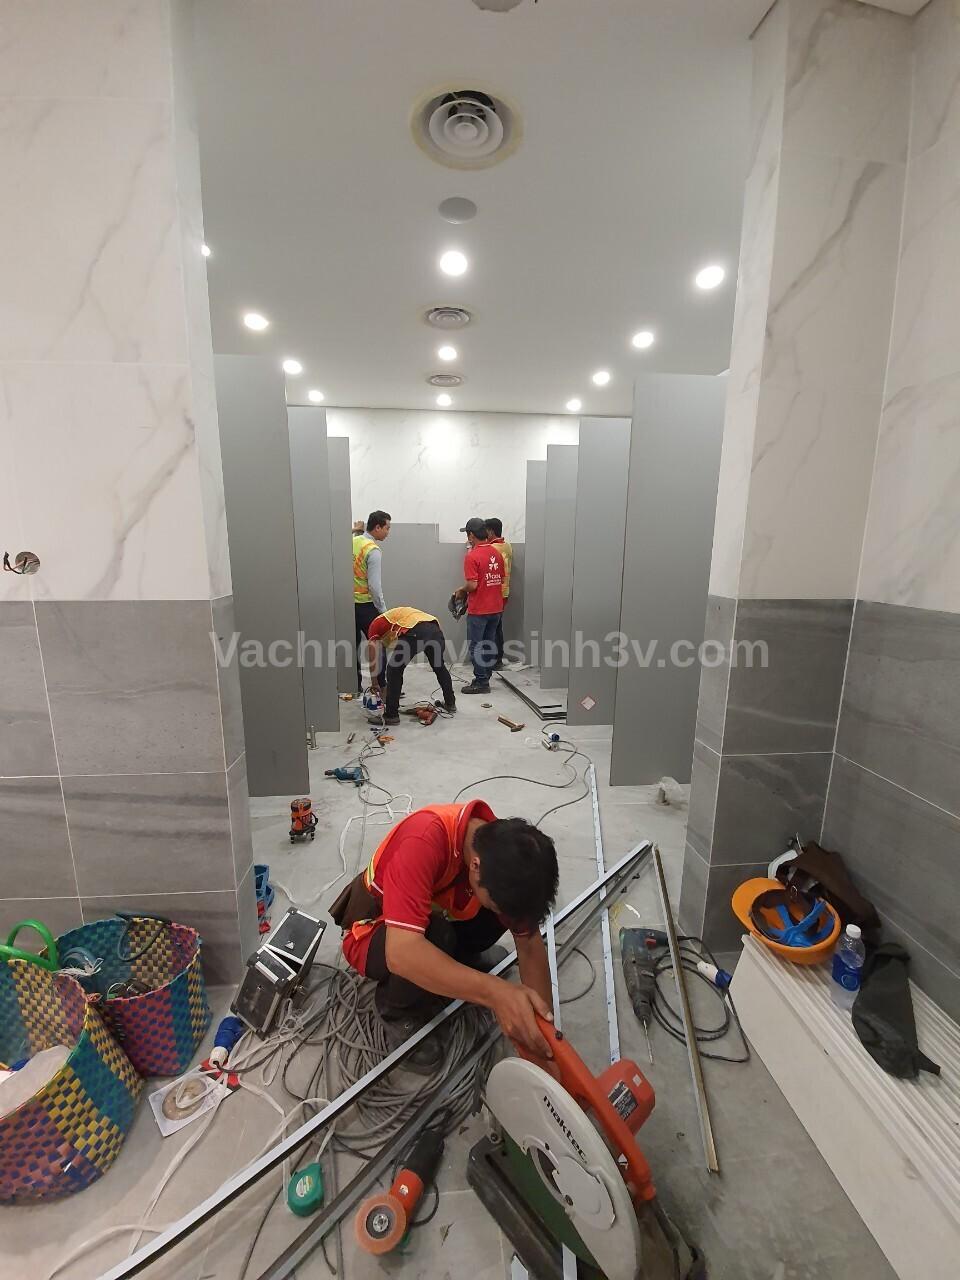 3V thi công vách Compact Trung tâm Thương mại và Giải trí Cà Na - Tây Ninh